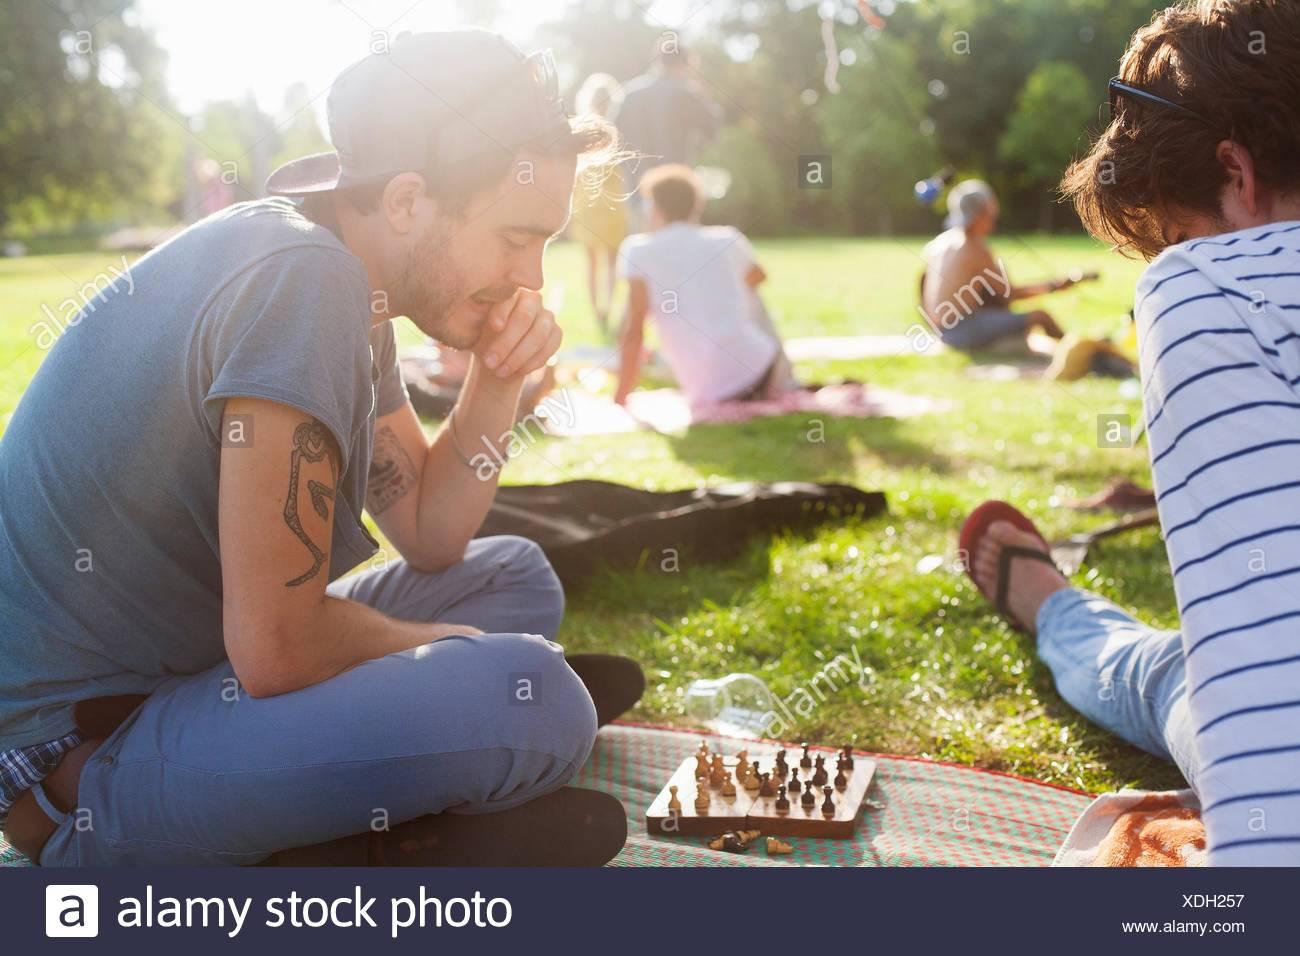 Les jeunes adultes jouer à jeu à sunset party in park Photo Stock